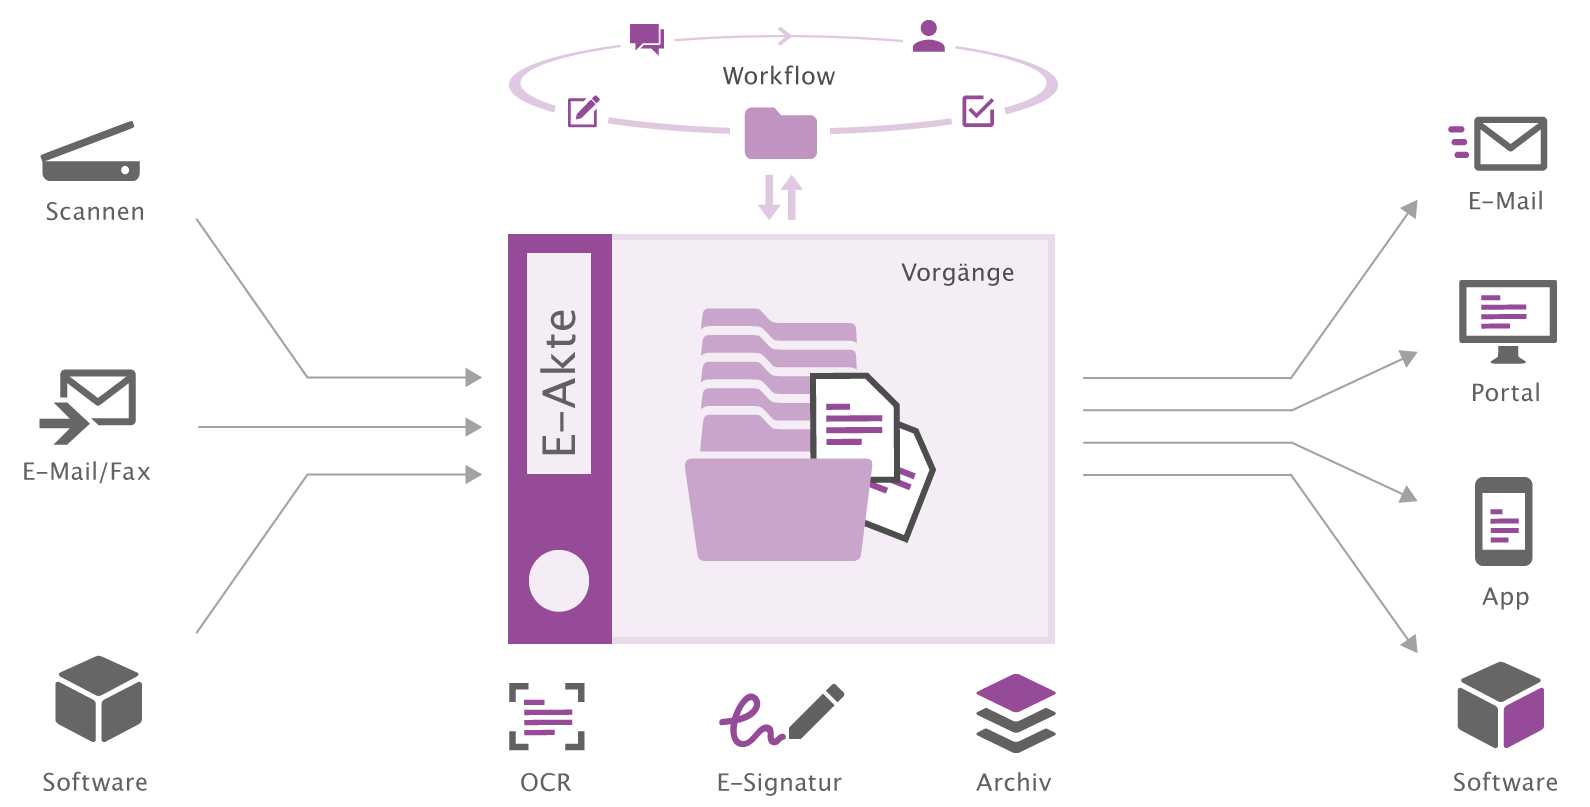 Digitale Aktenlösungen wie IP-Akte, Prozessakte, Projektakte, HR-Akte mit otris dossier